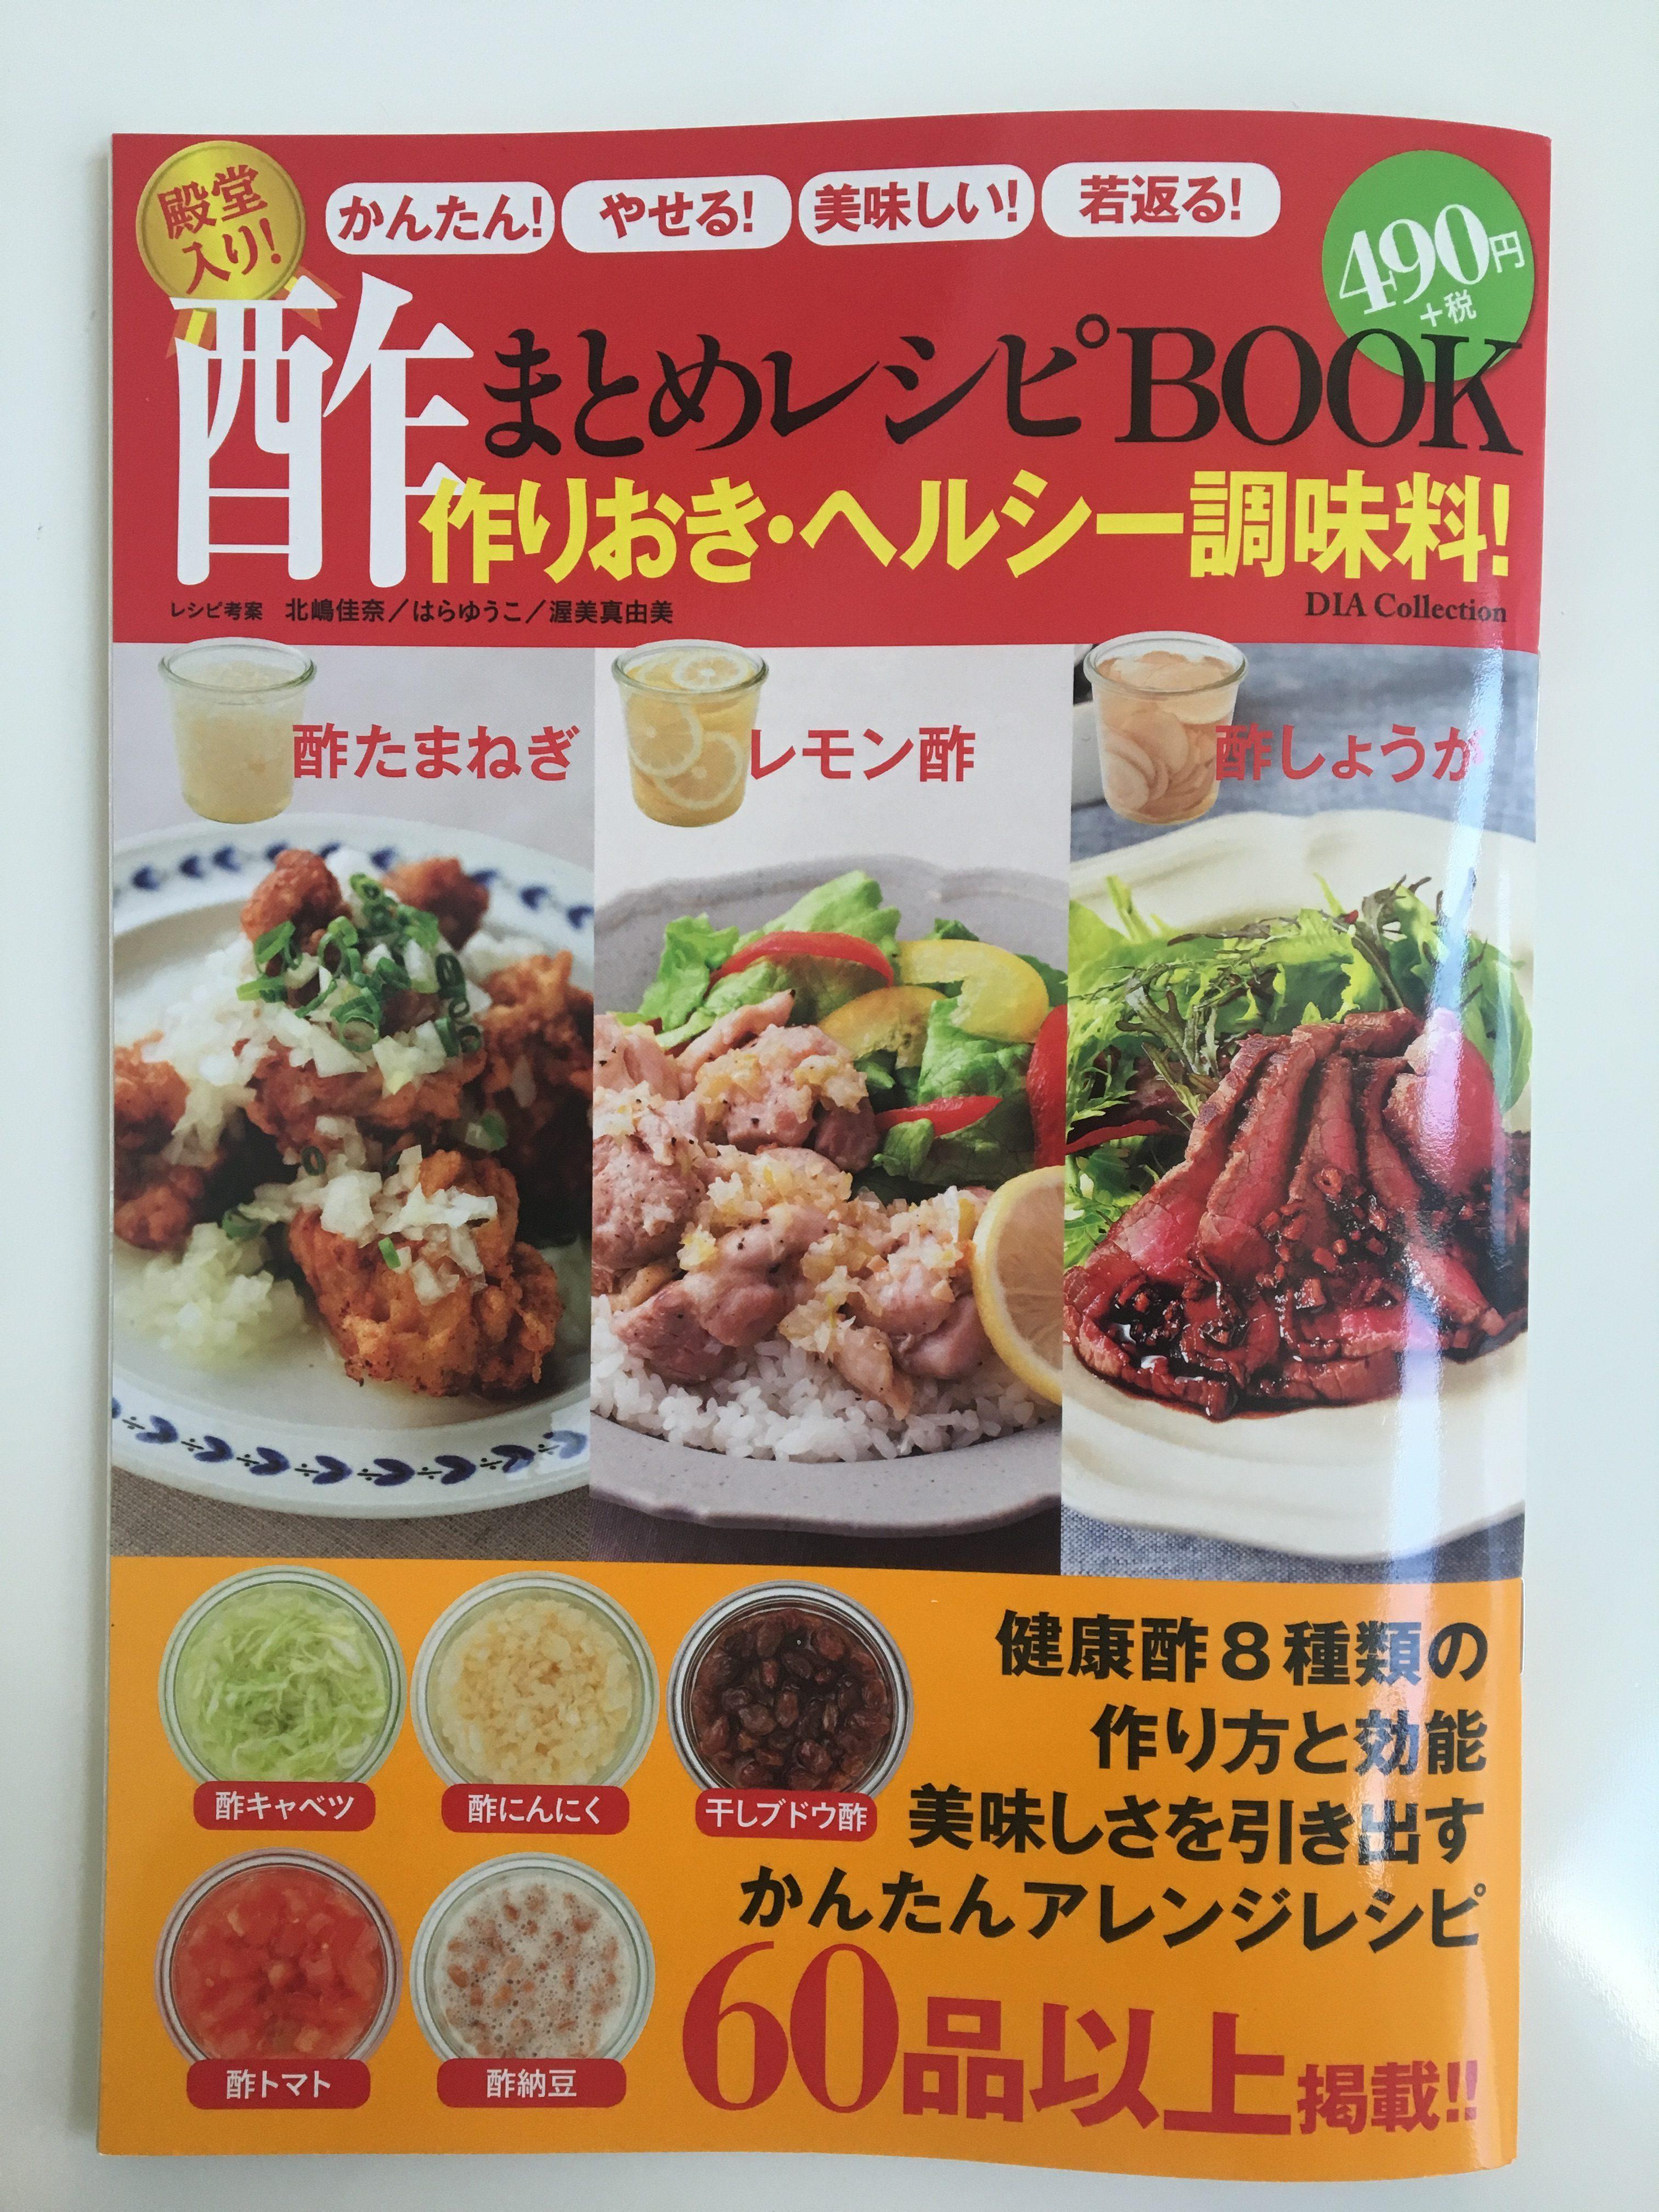 【出版のお知らせ】酢まとめレシピBOOK